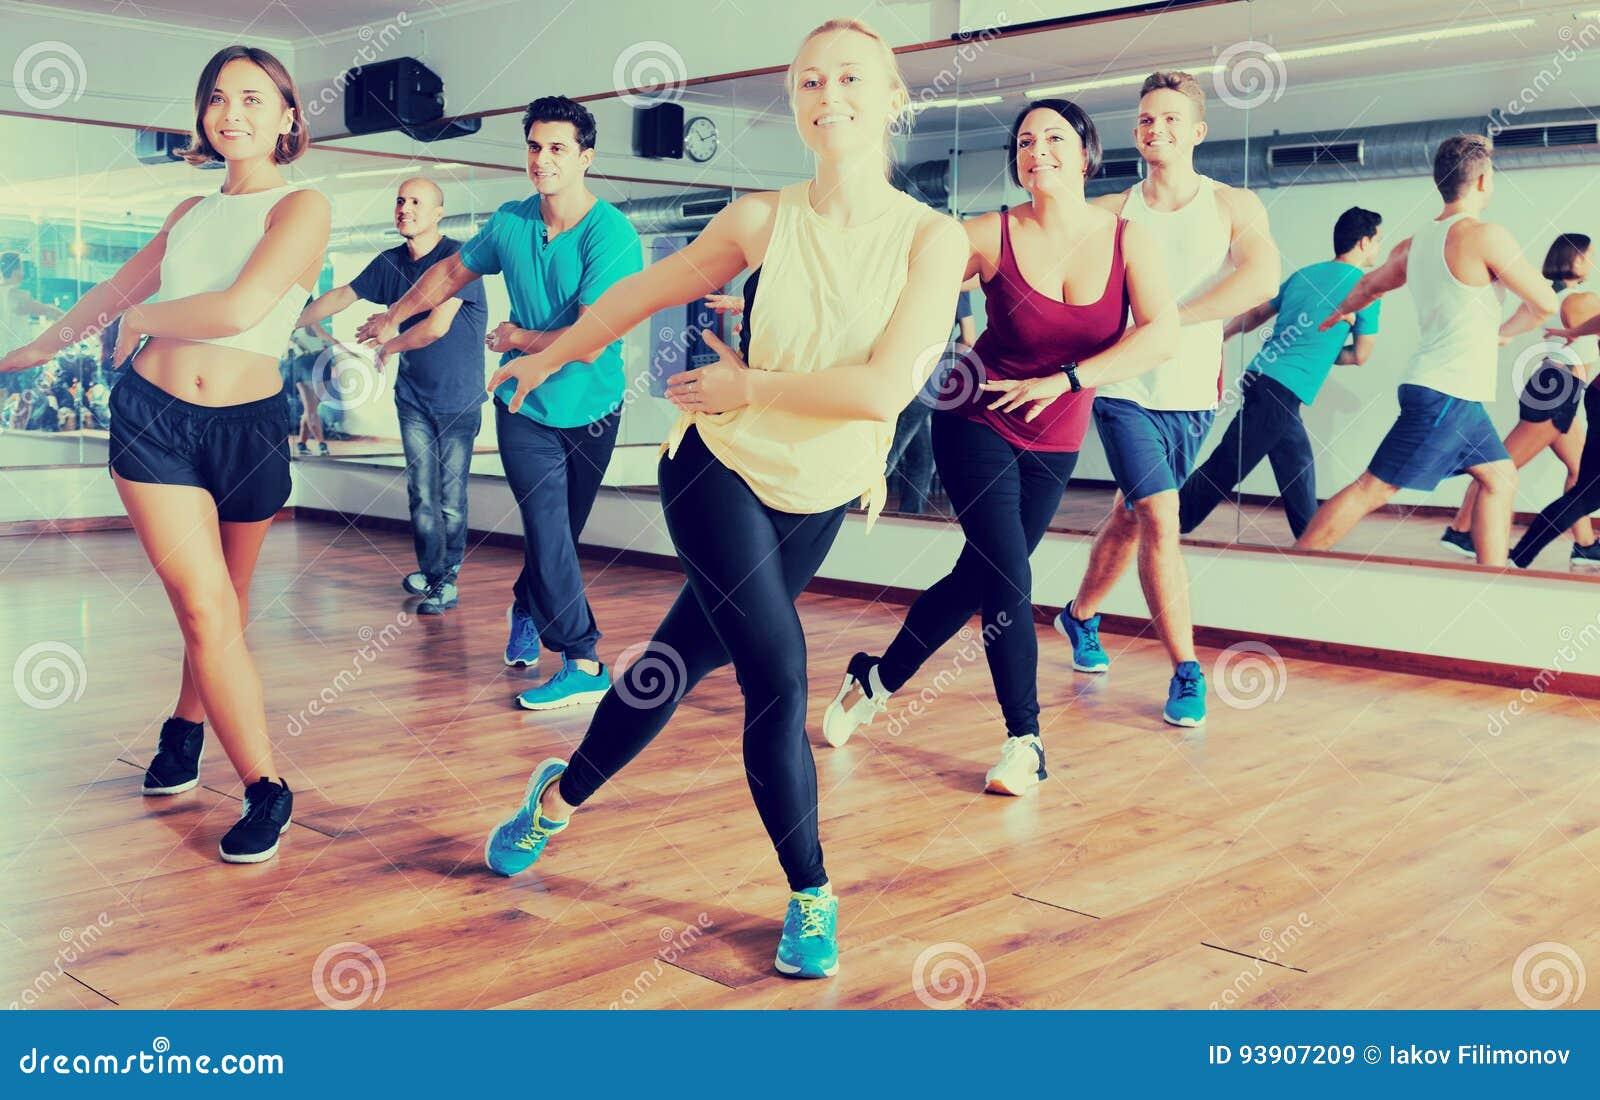 Hombres y señoras que bailan zumba